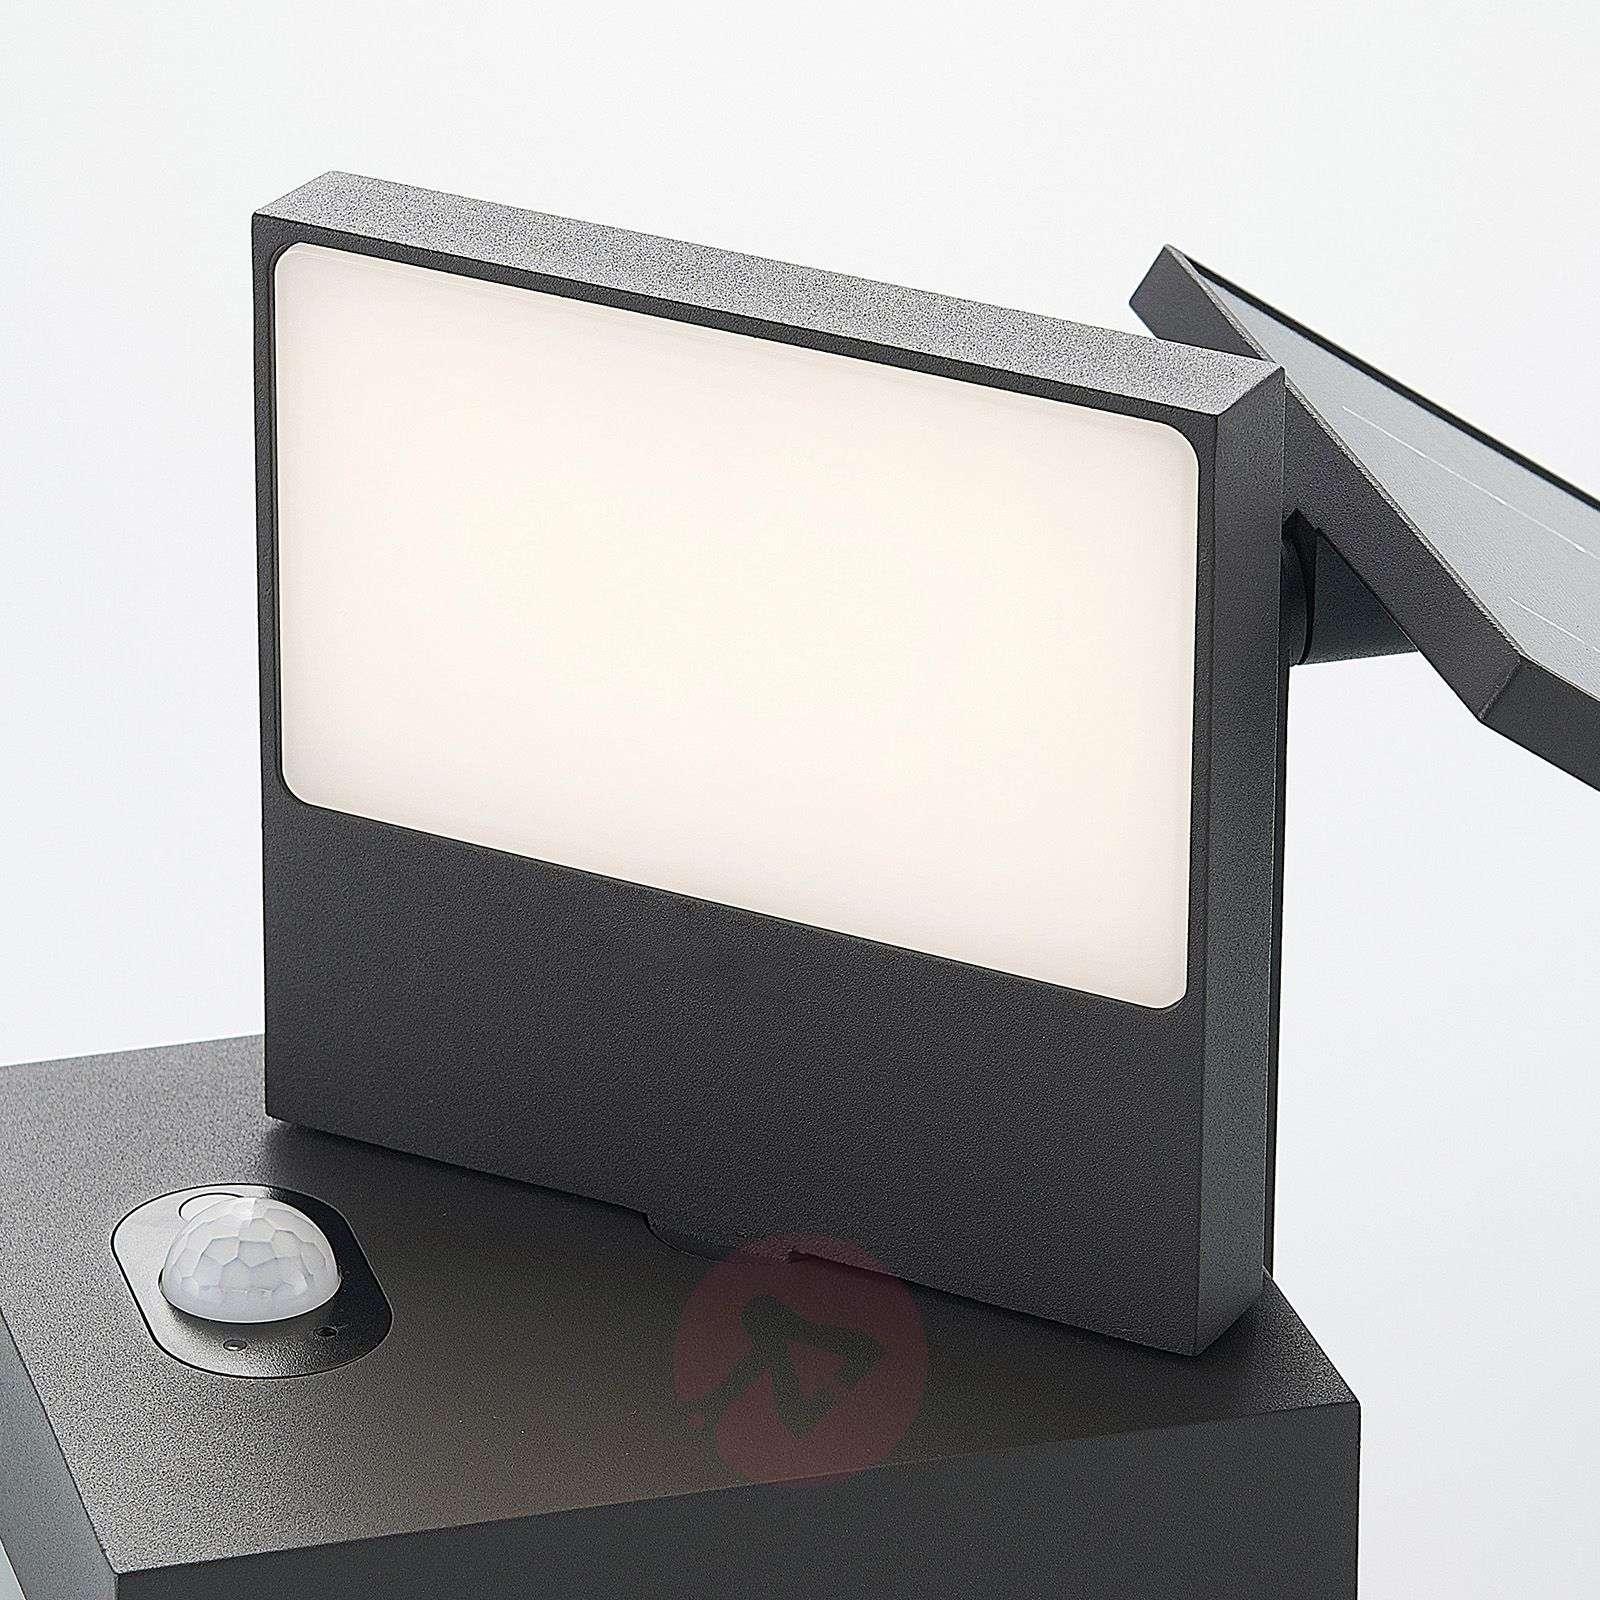 Aurinkokäyttöinen LED-seinävalaisin Silvan sensori-9619179-02